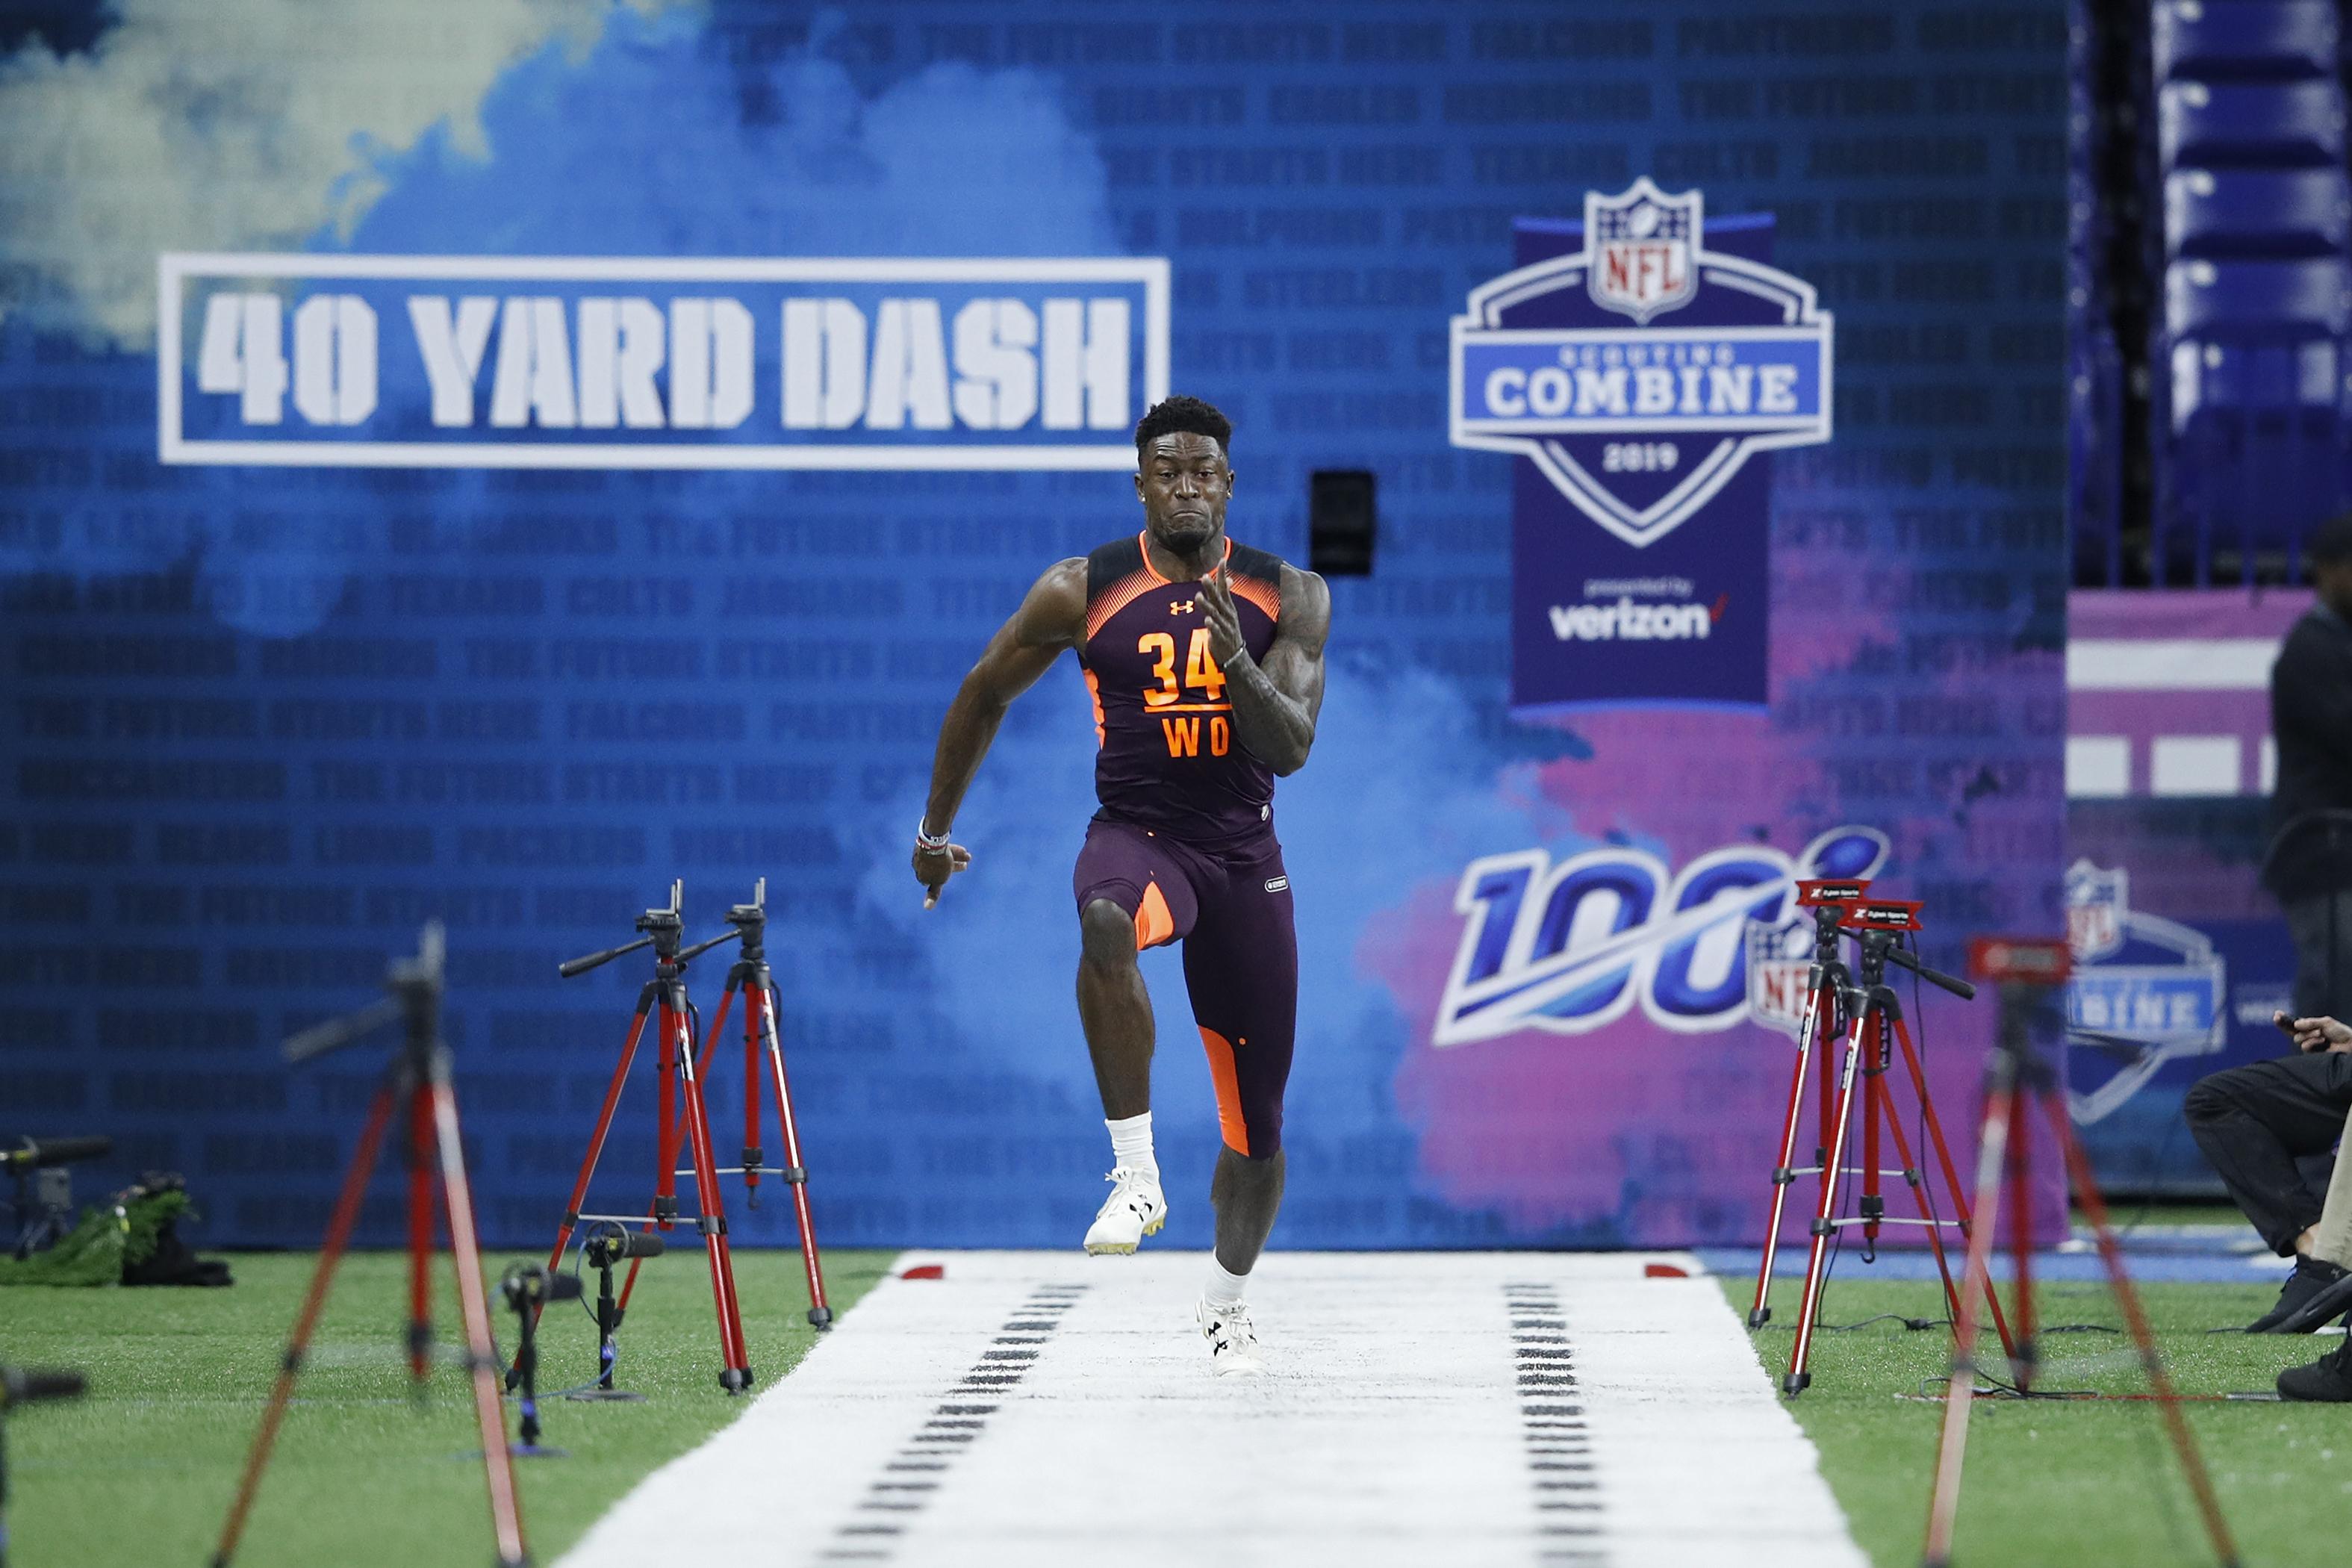 4 reasons DK Metcalf's NFL Combine performance was superhuman